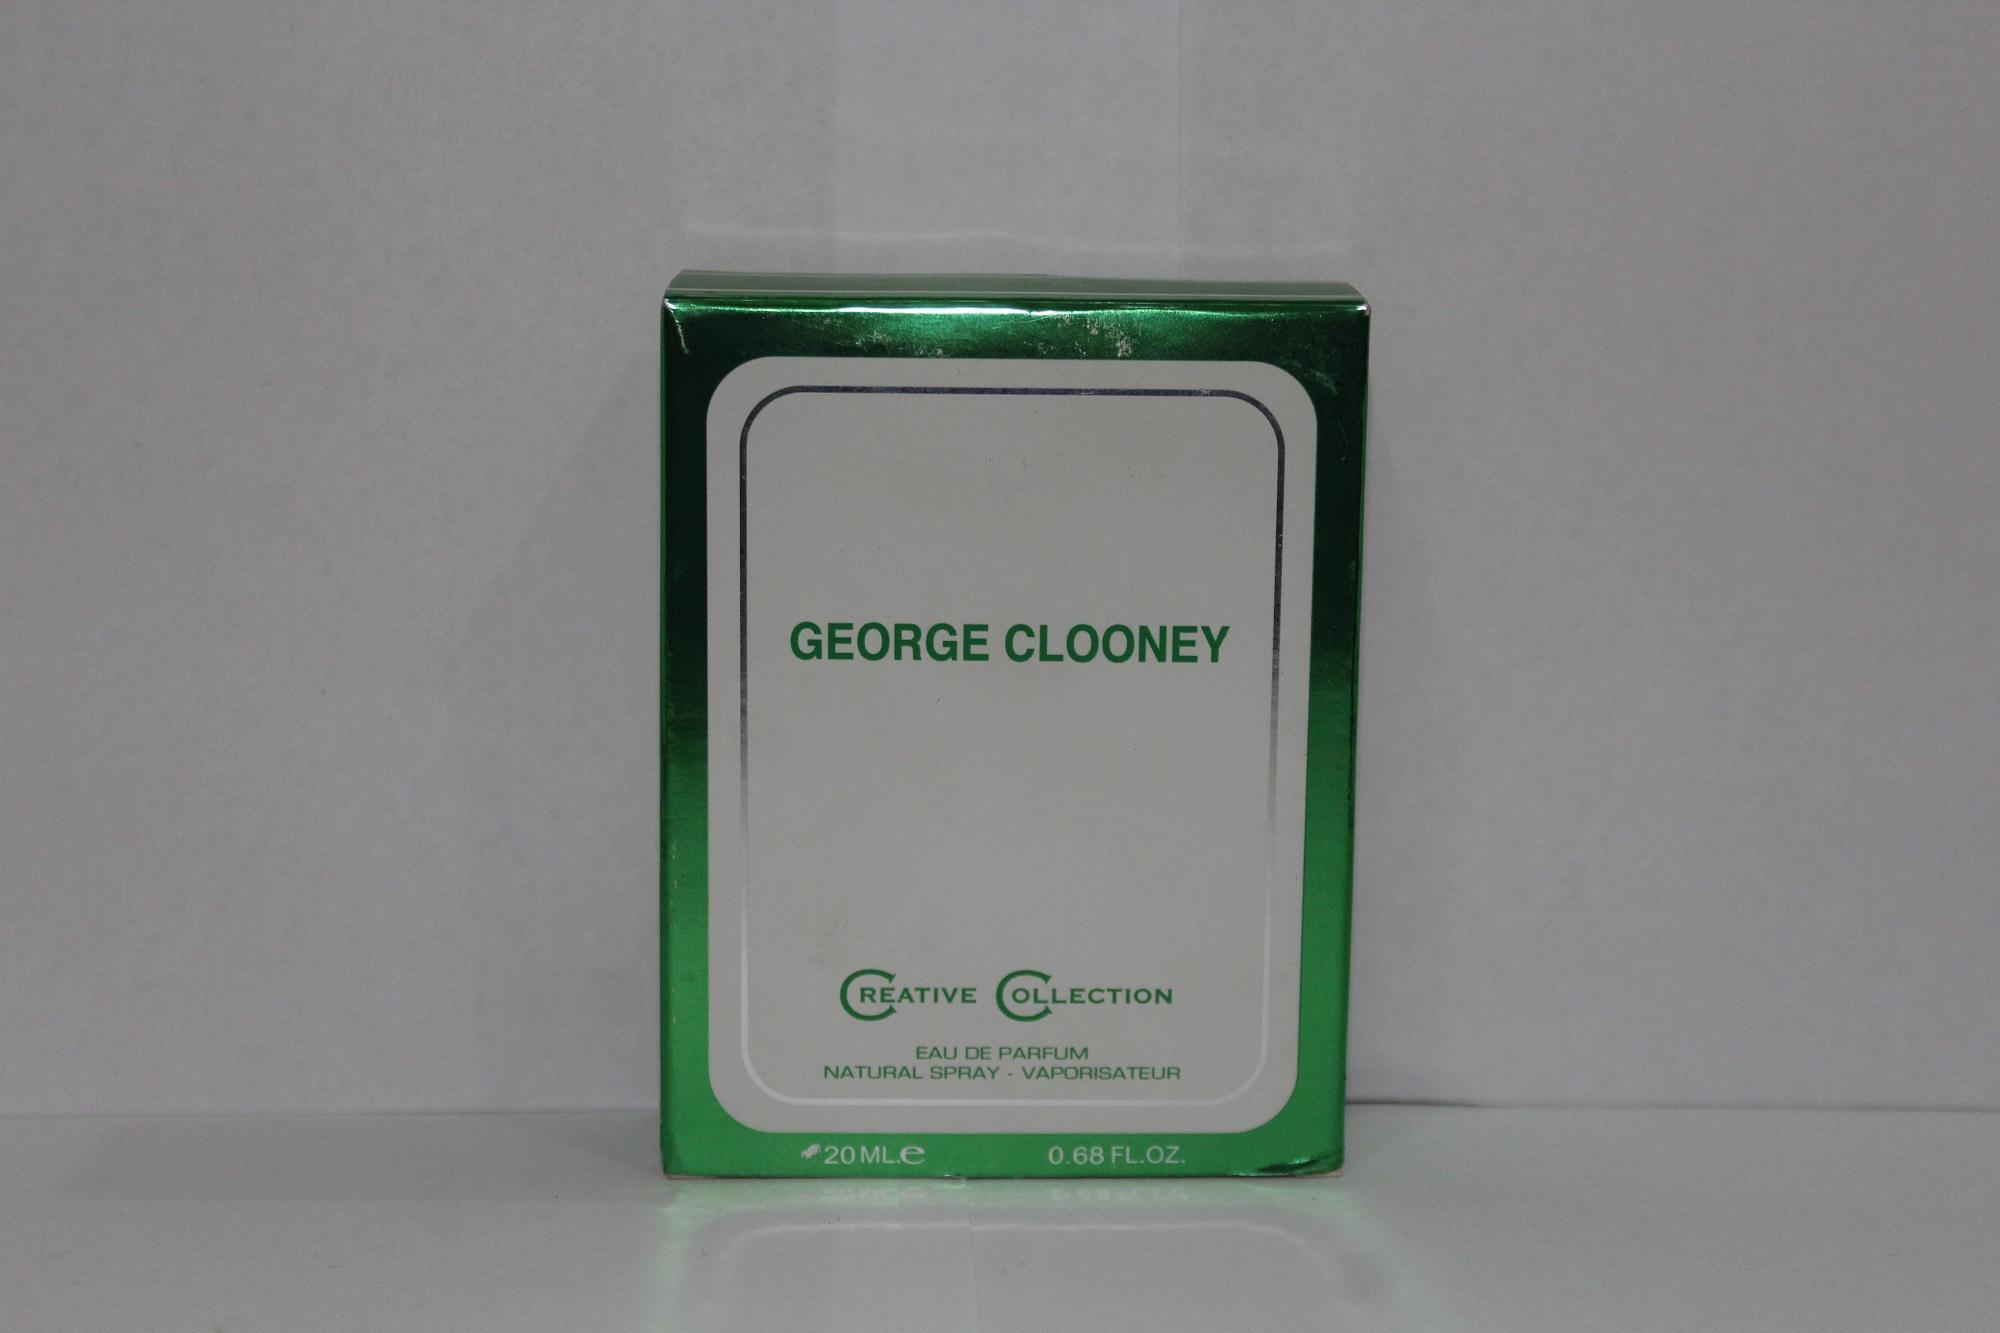 Pocket Perfume - George Clooney